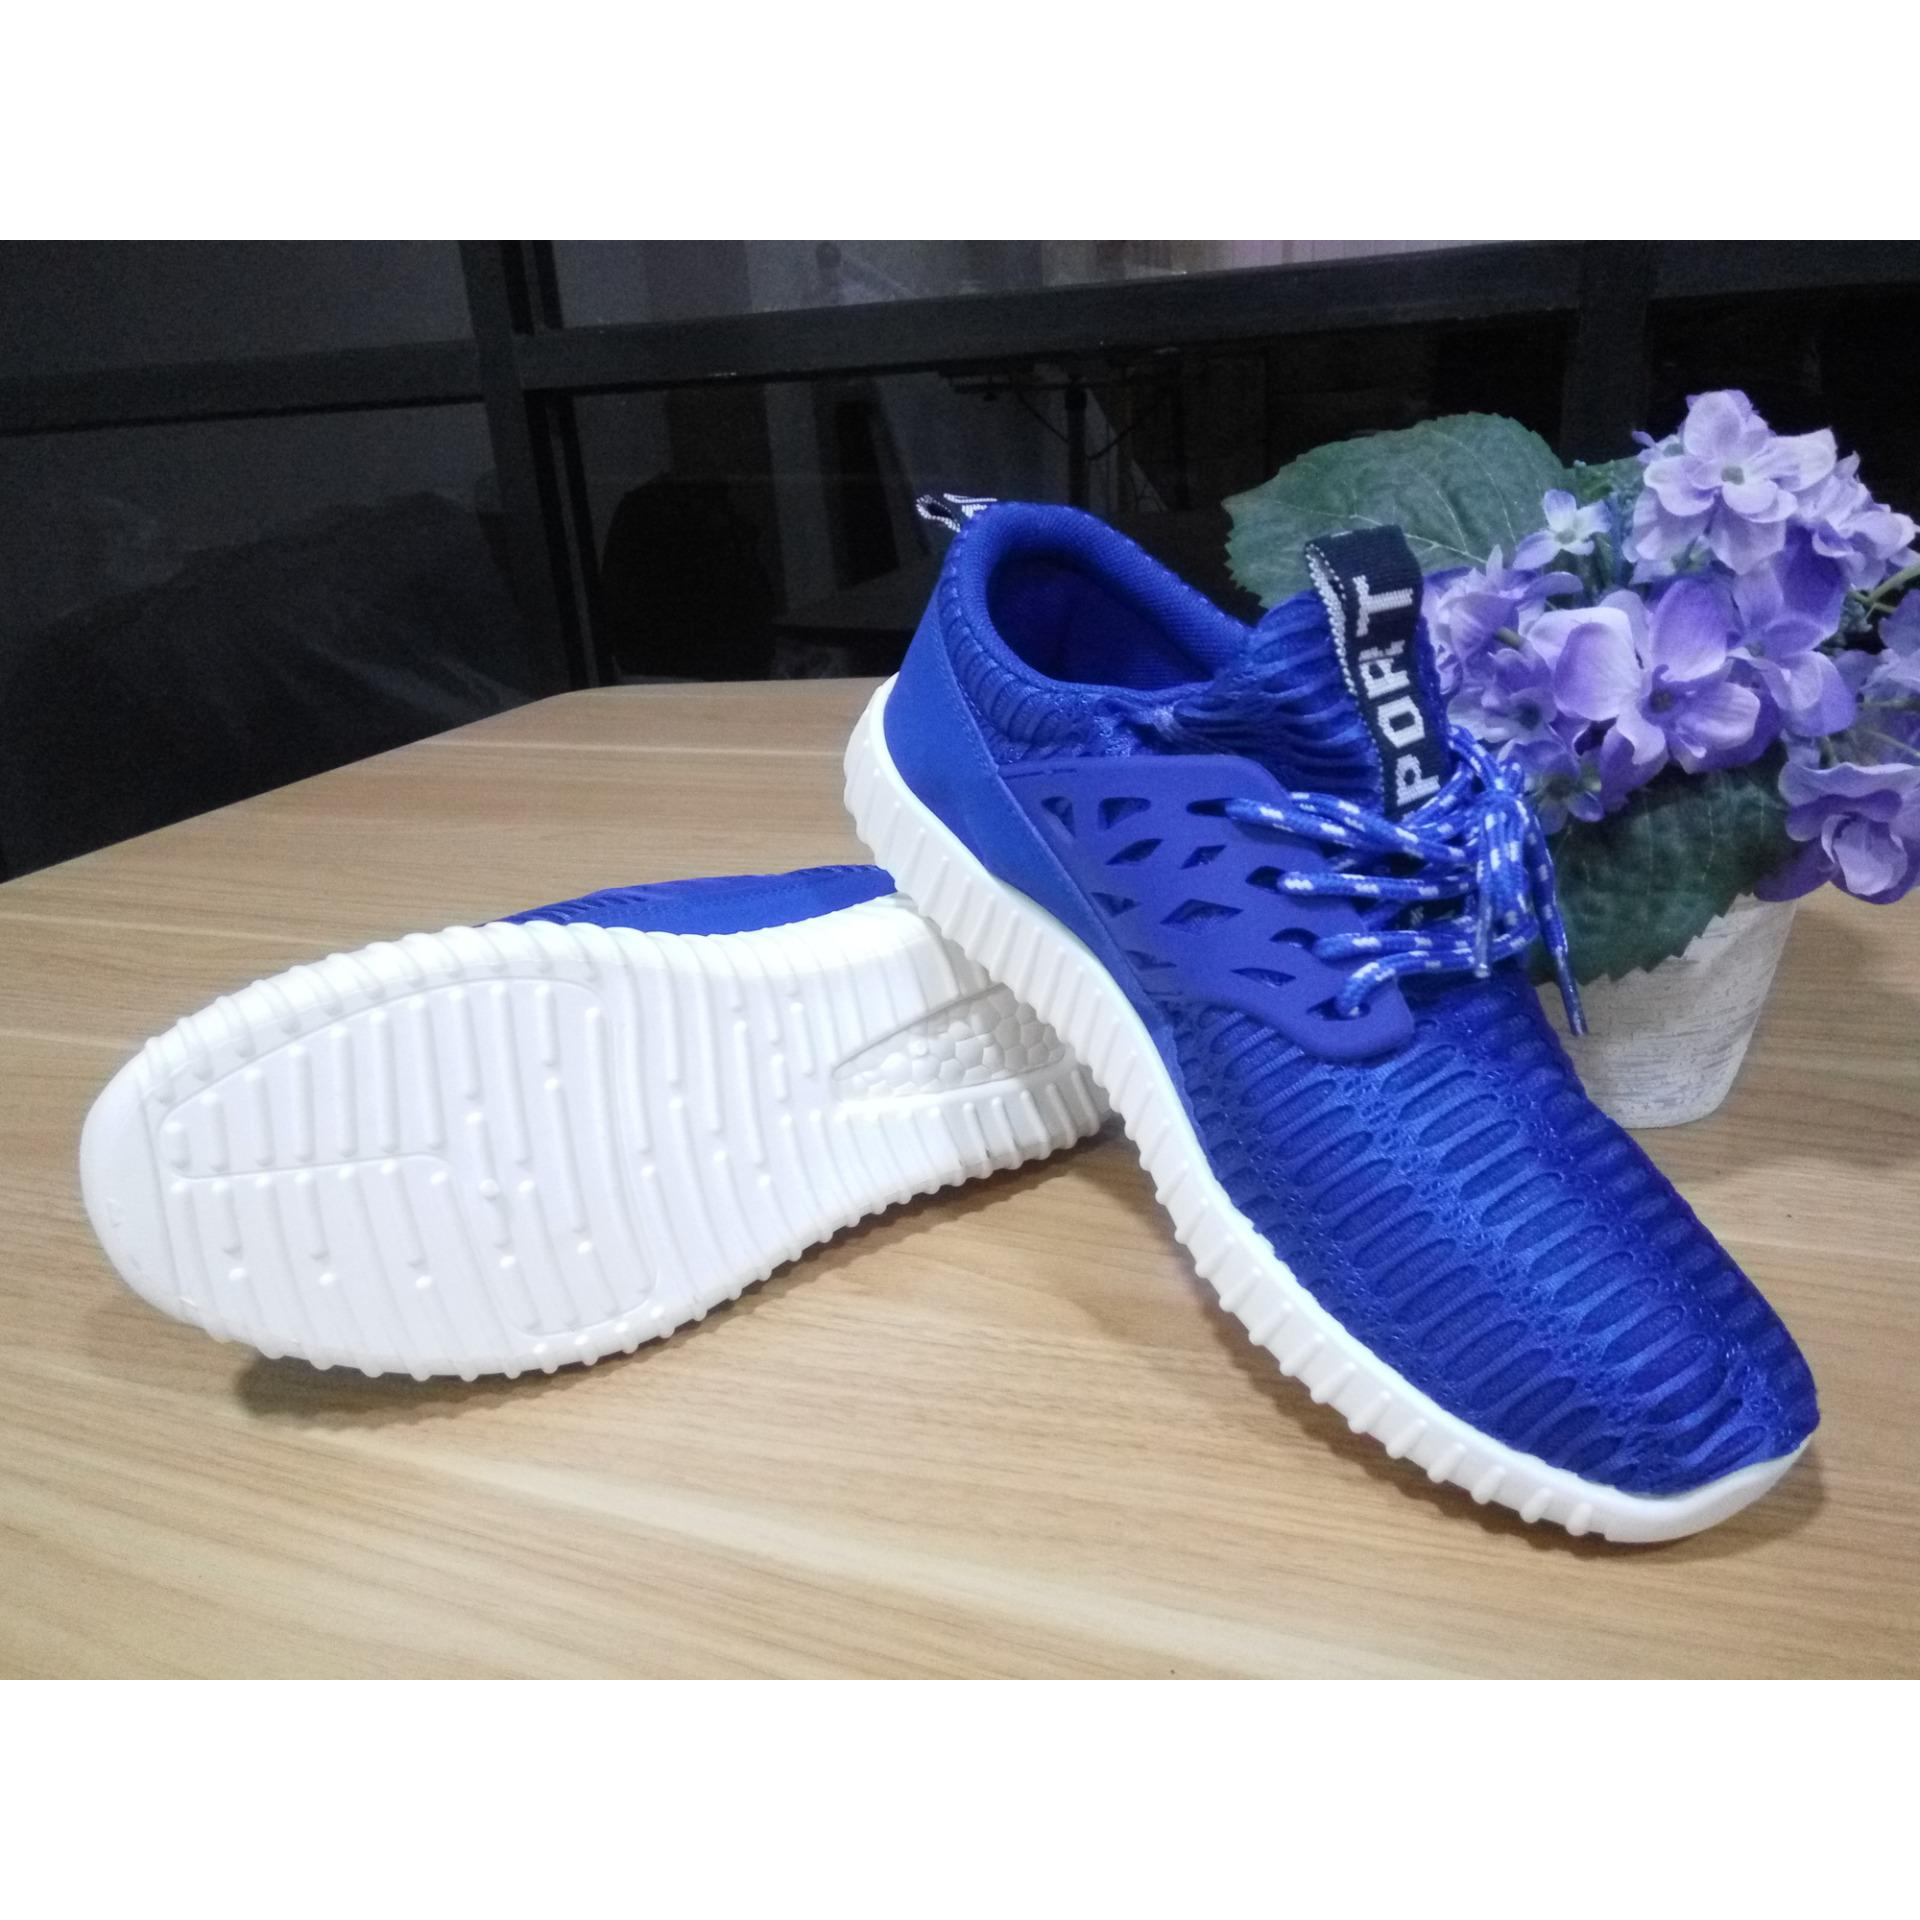 Jual Sneakers Pria Import Korea Blue Original